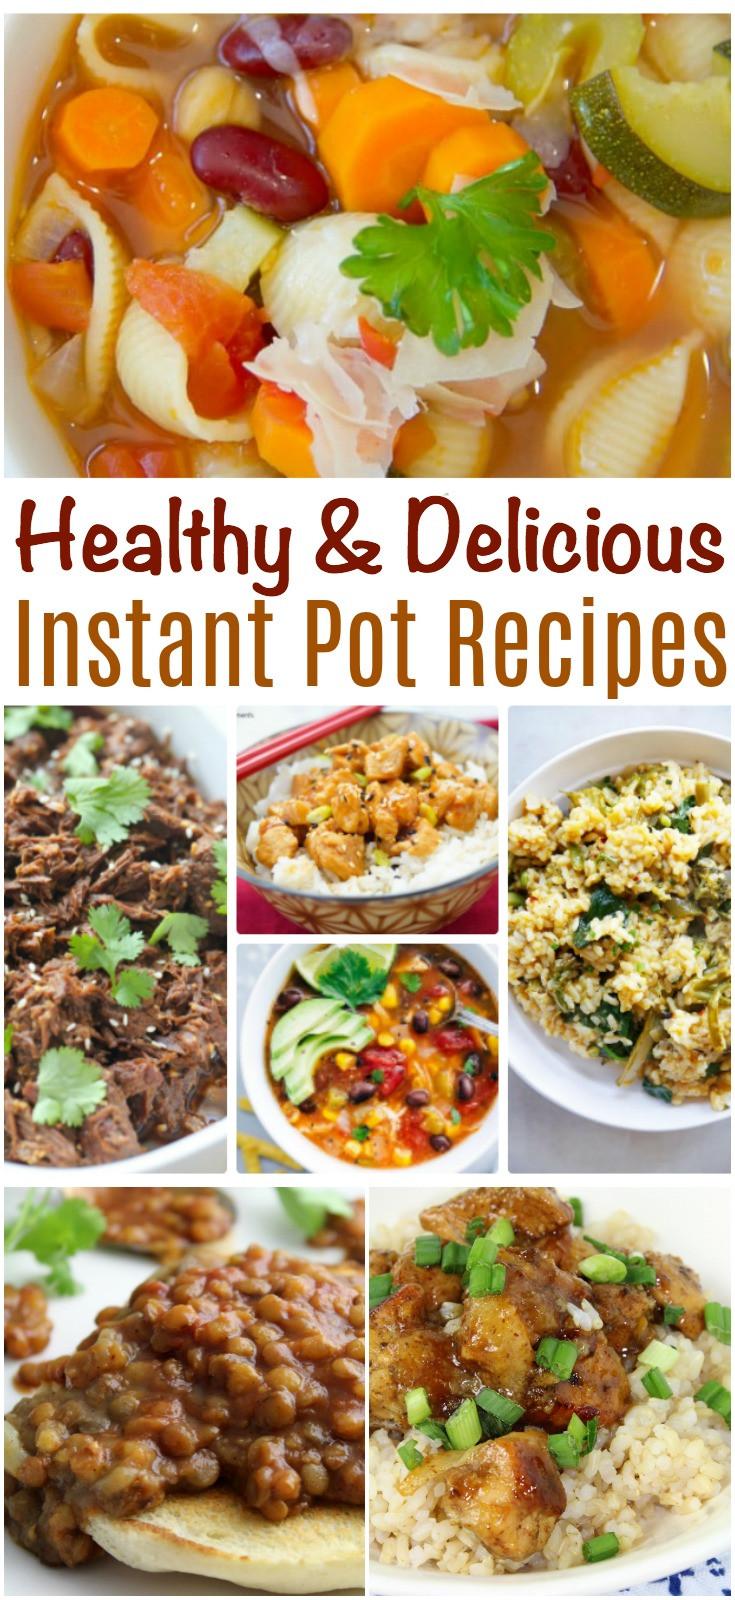 Instant Pot Healthy Recipes  Healthy and Delicious Instant Pot Recipes